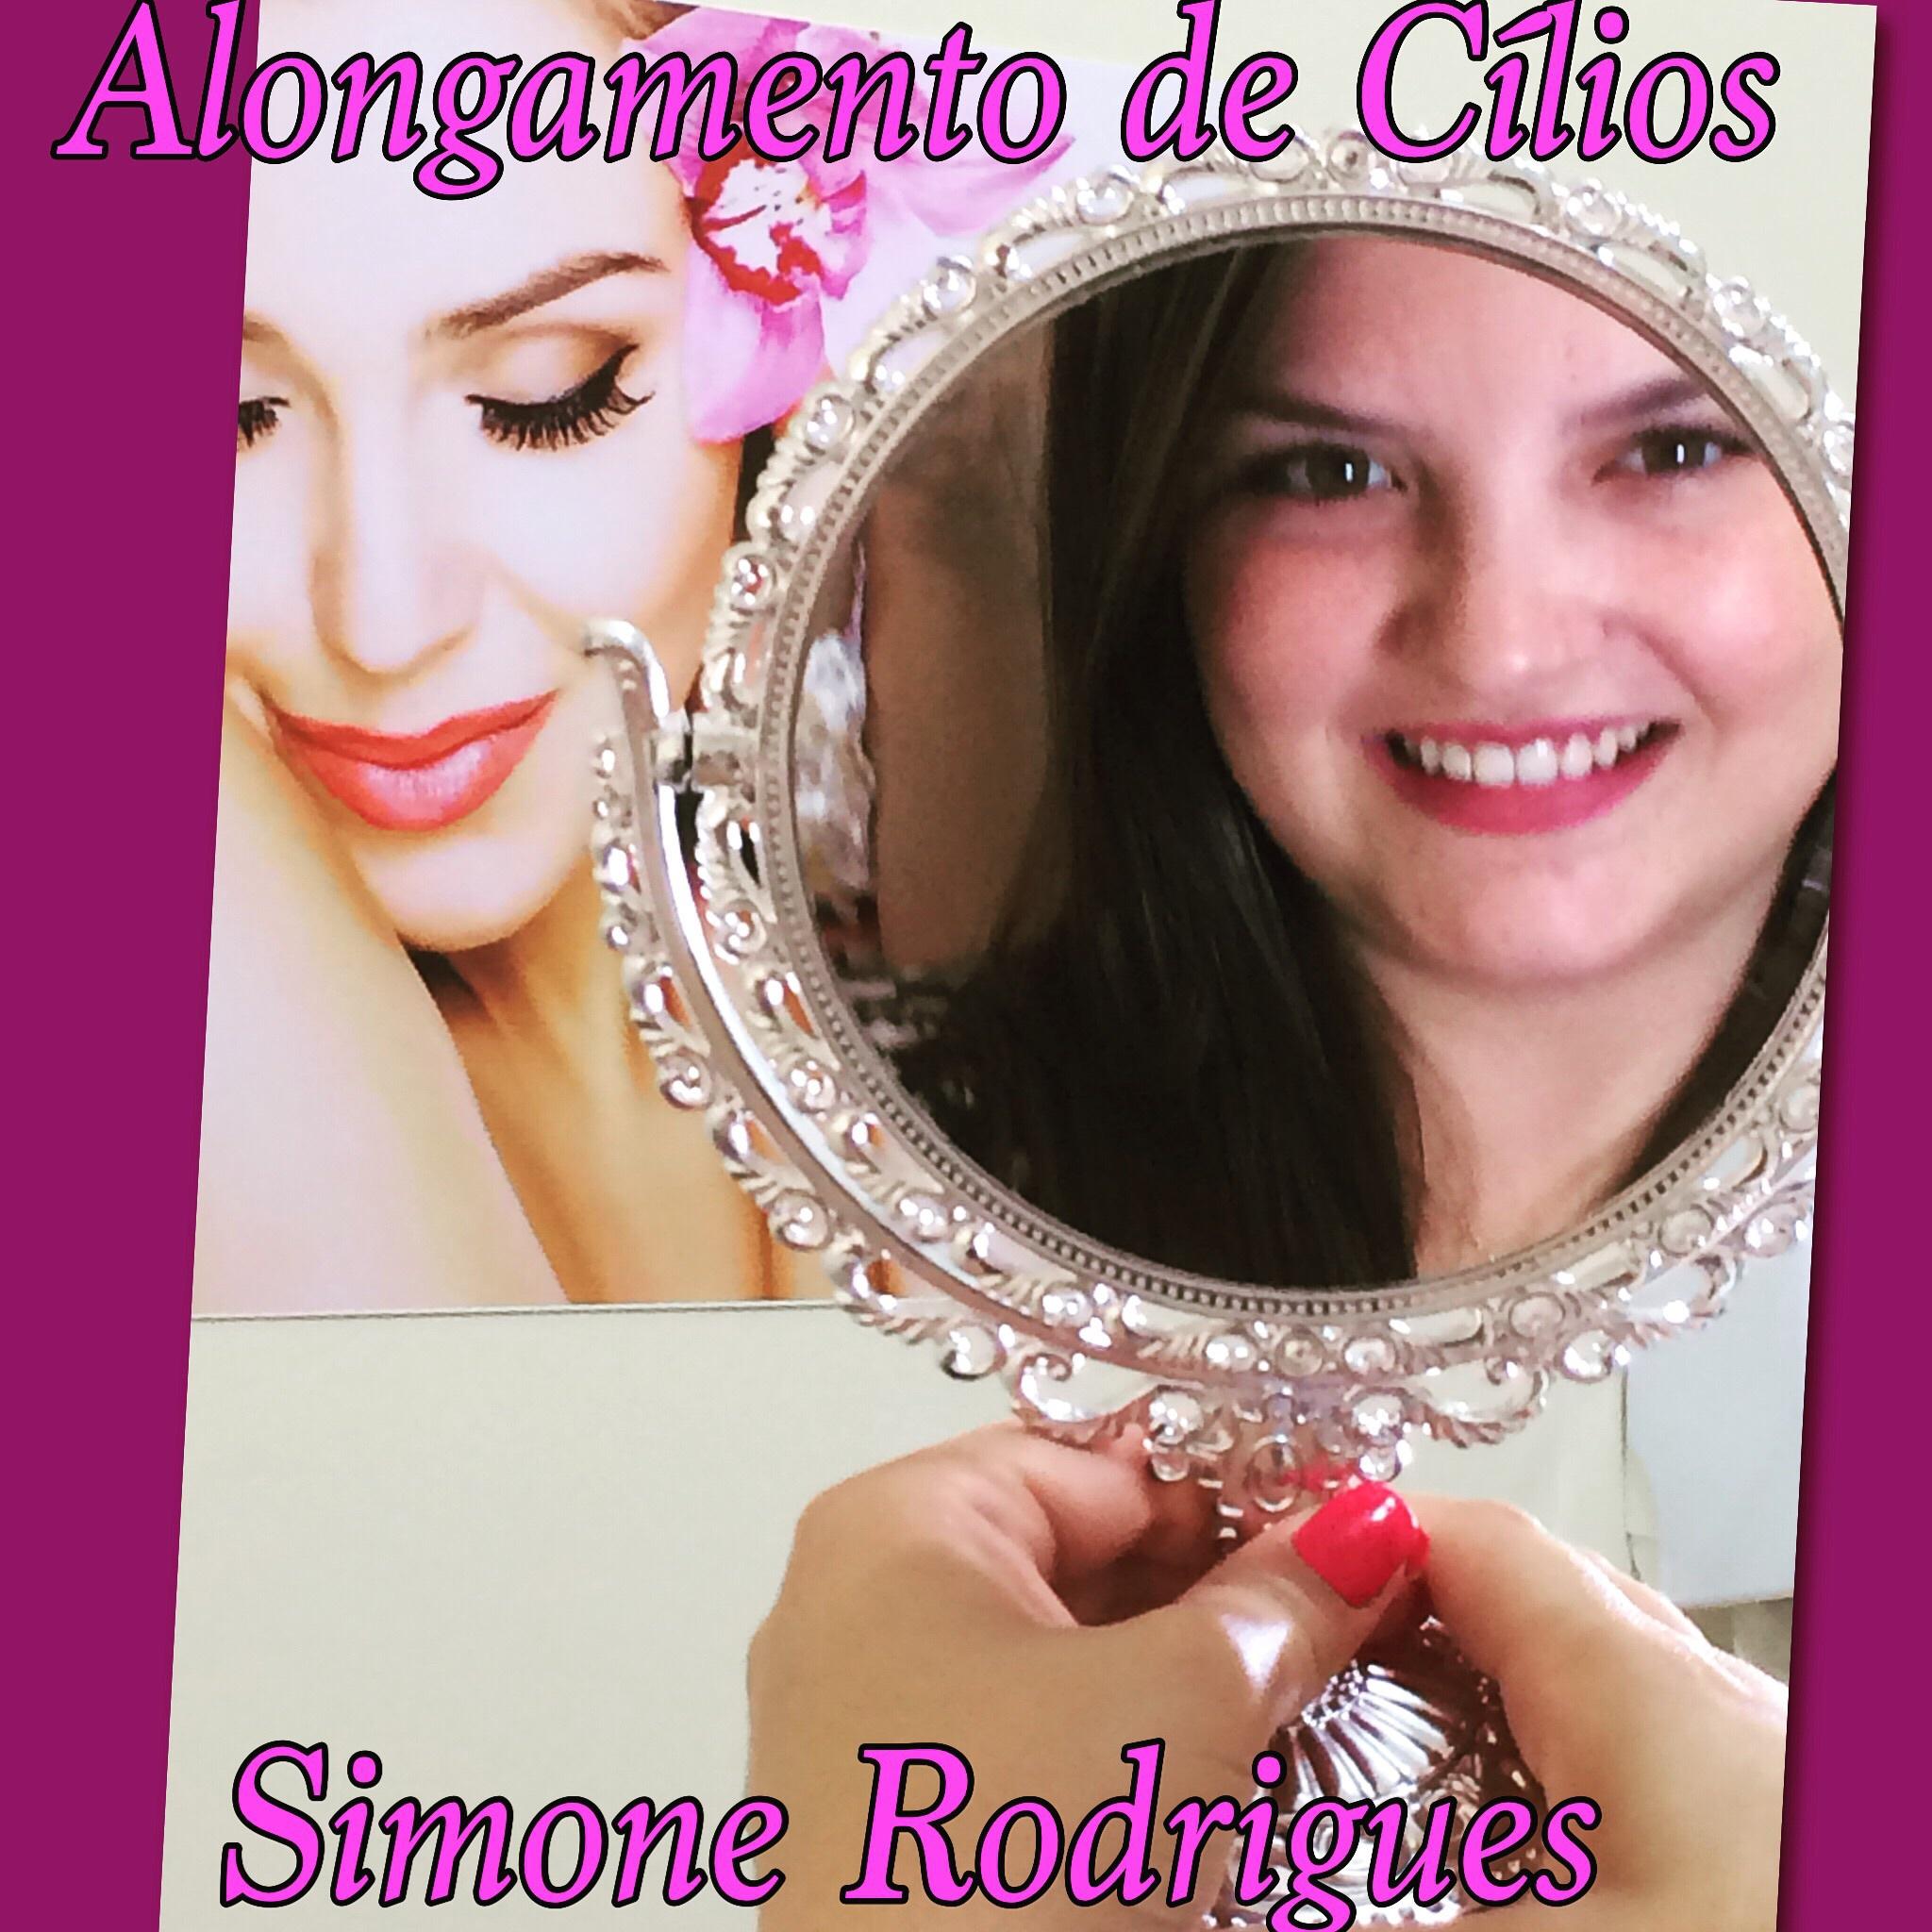 #alongamentodecilios outros designer de sobrancelhas esteticista depilador(a) micropigmentador(a)